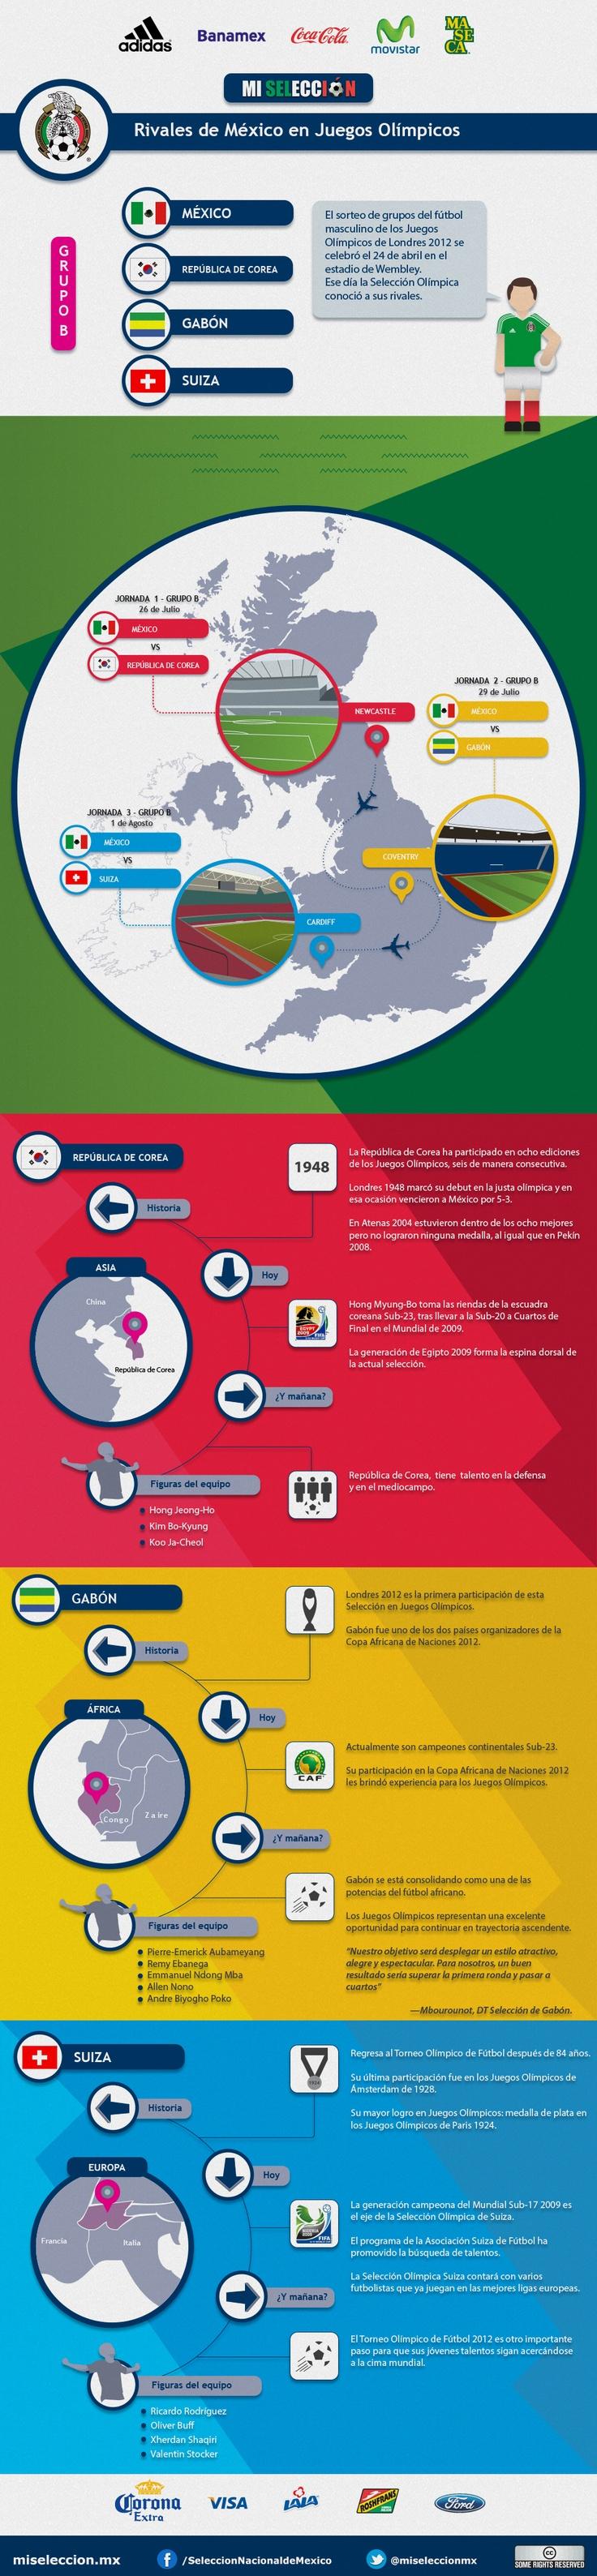 Los Rivales de México en los Juegos Olímpicos Londres 2012